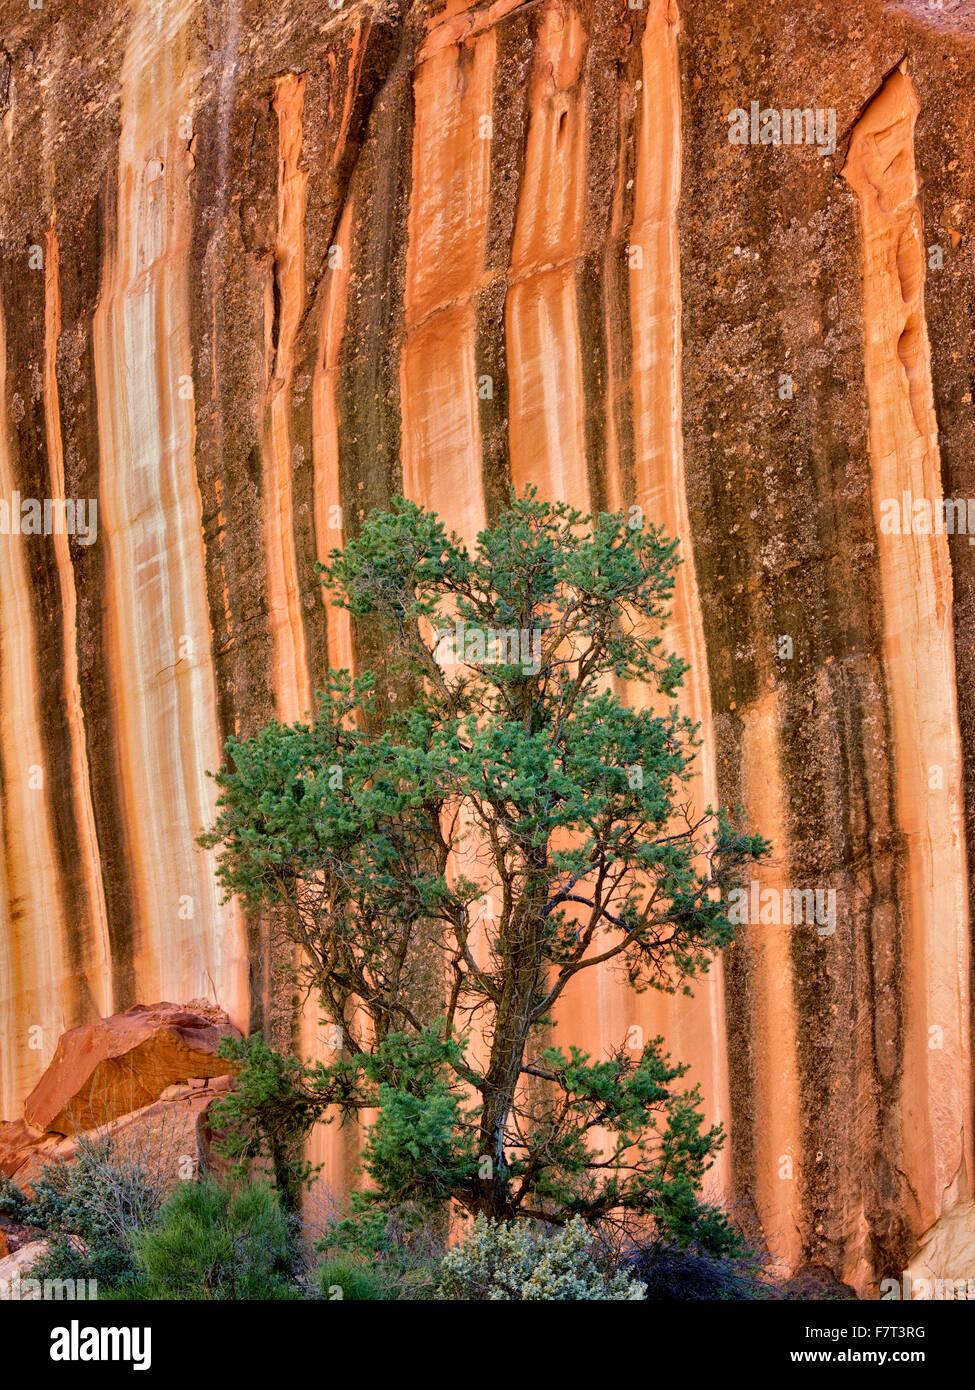 Vernice del deserto formazione di roccia e pino al Capitol Reef National Park nello Utah Immagini Stock